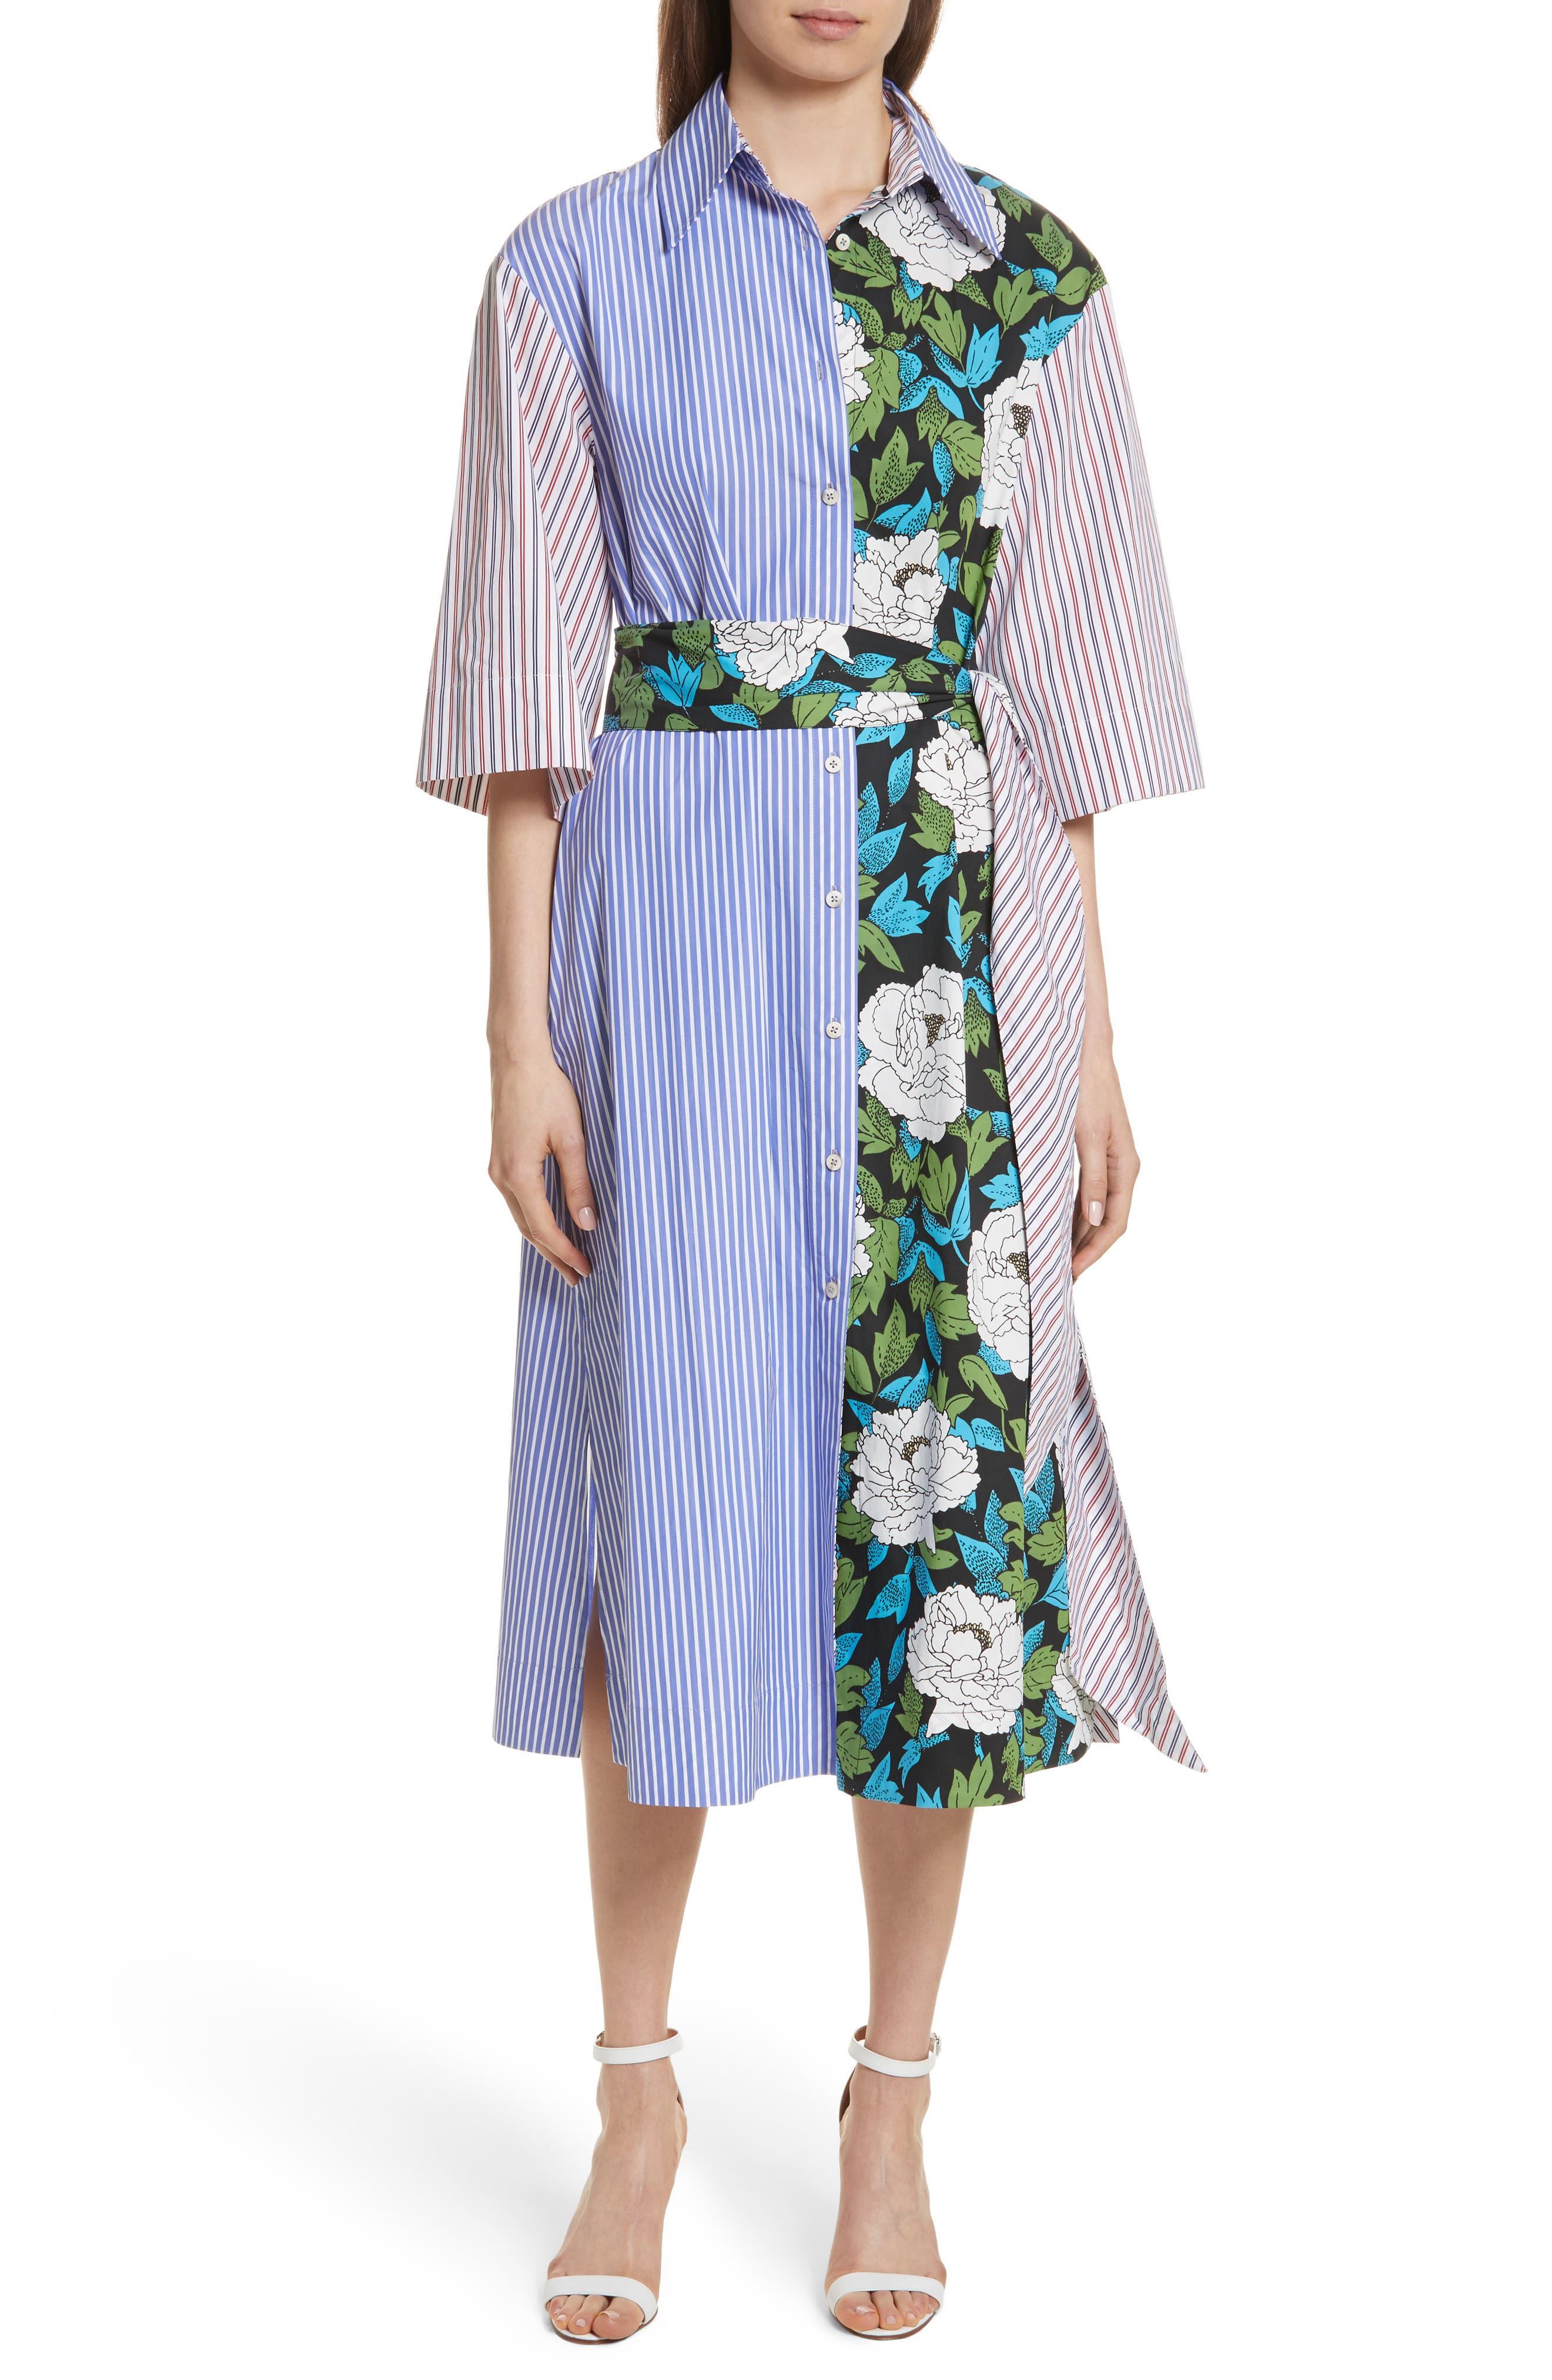 Diane von Furstenberg Mixed Print Cotton Shirtdress,                         Main,                         color,